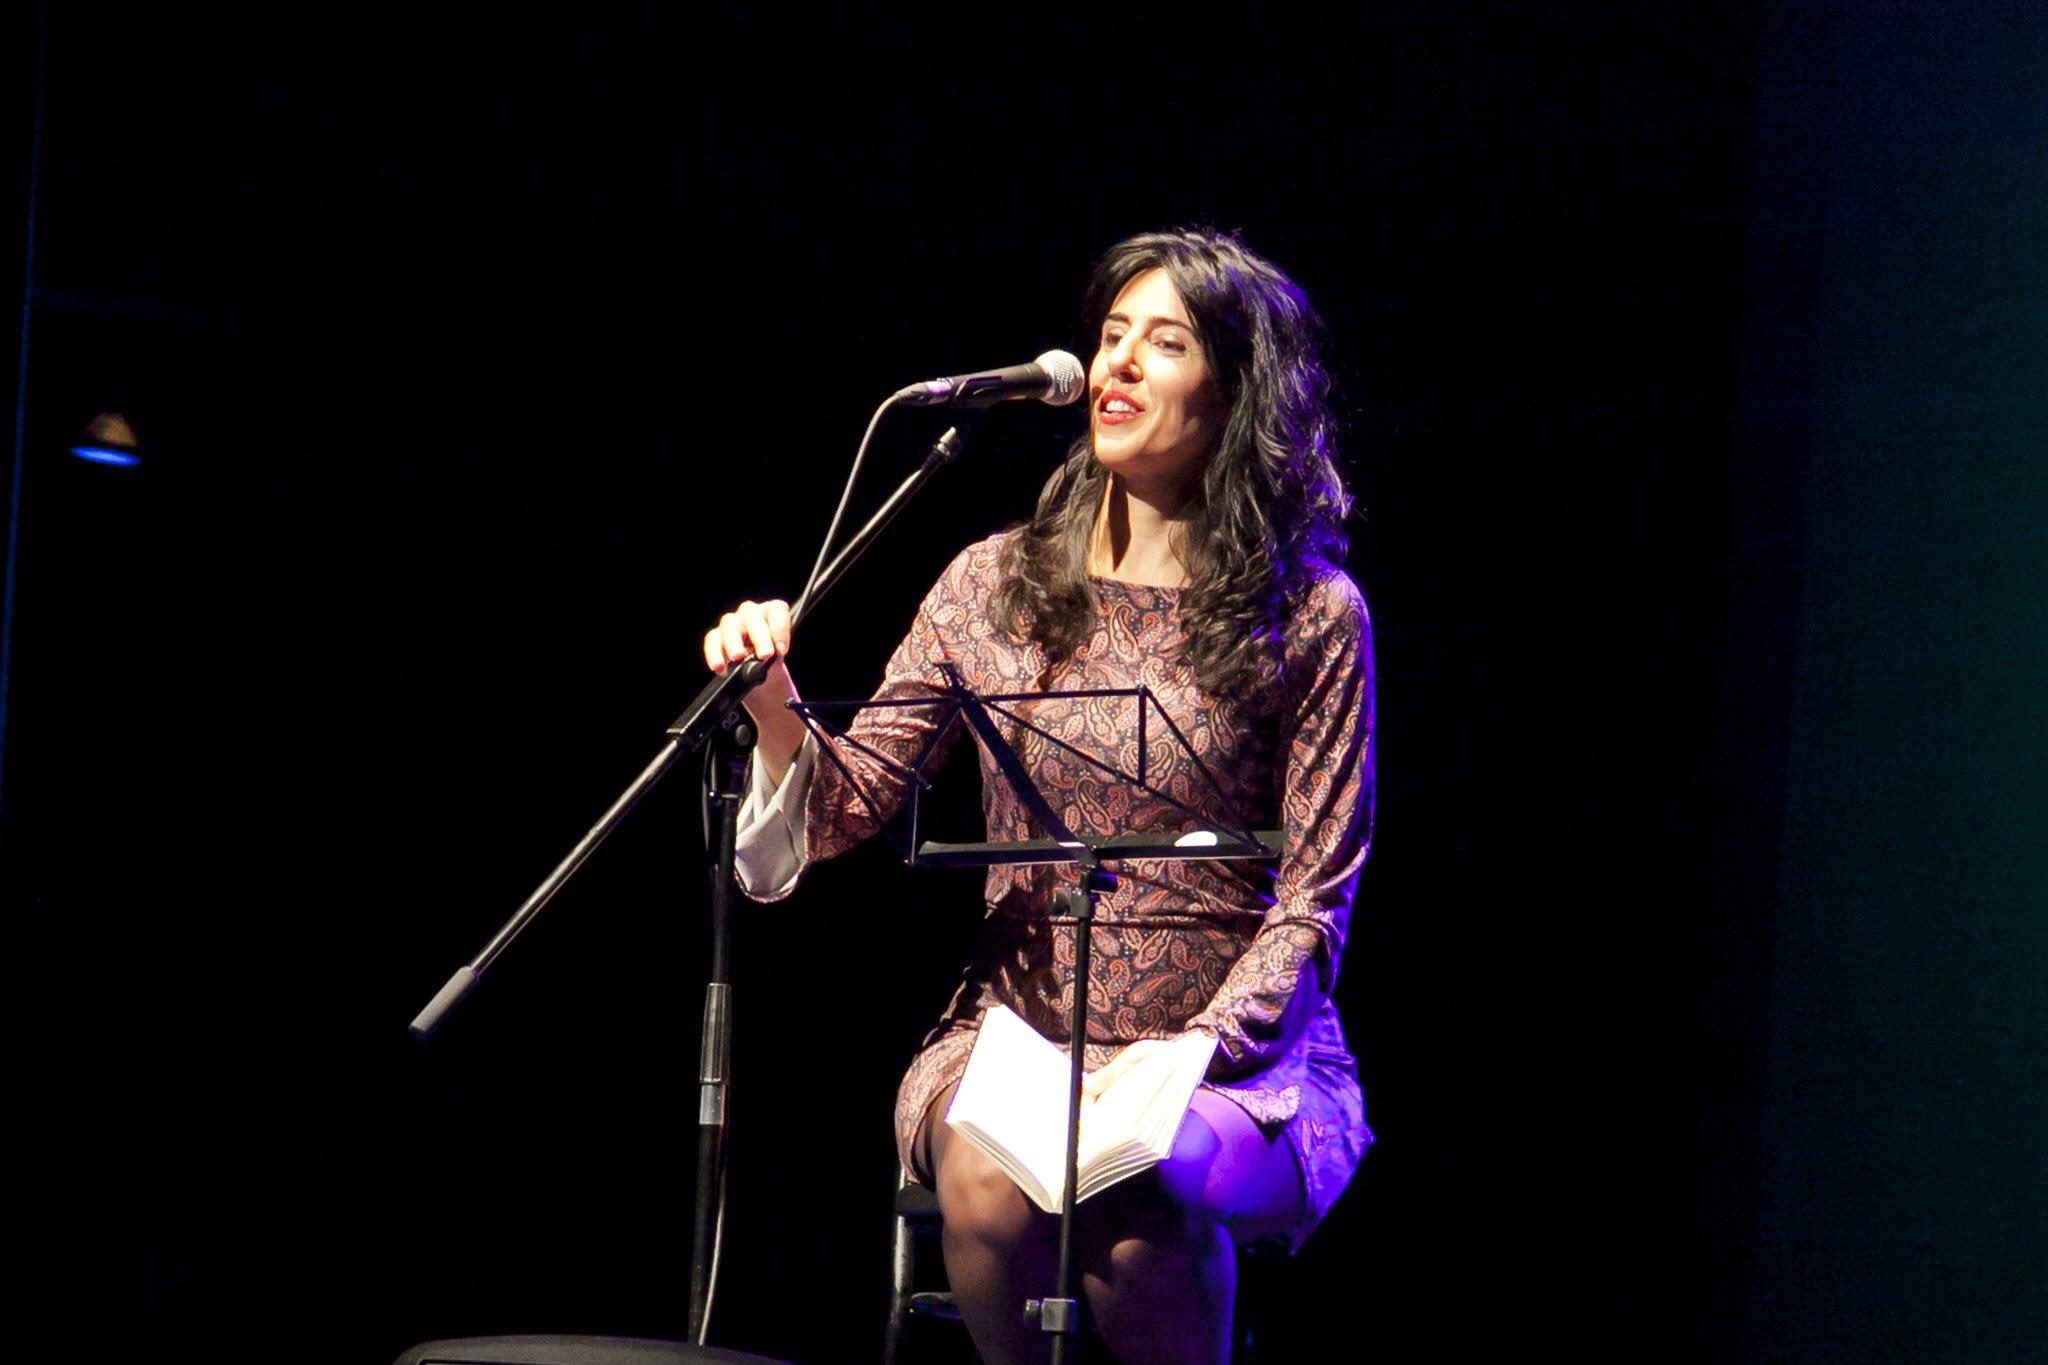 13 preguntas y una poeta, Raquel Lanseros: «Quiero transmitir la verdad que anida dentro de un ser humano»